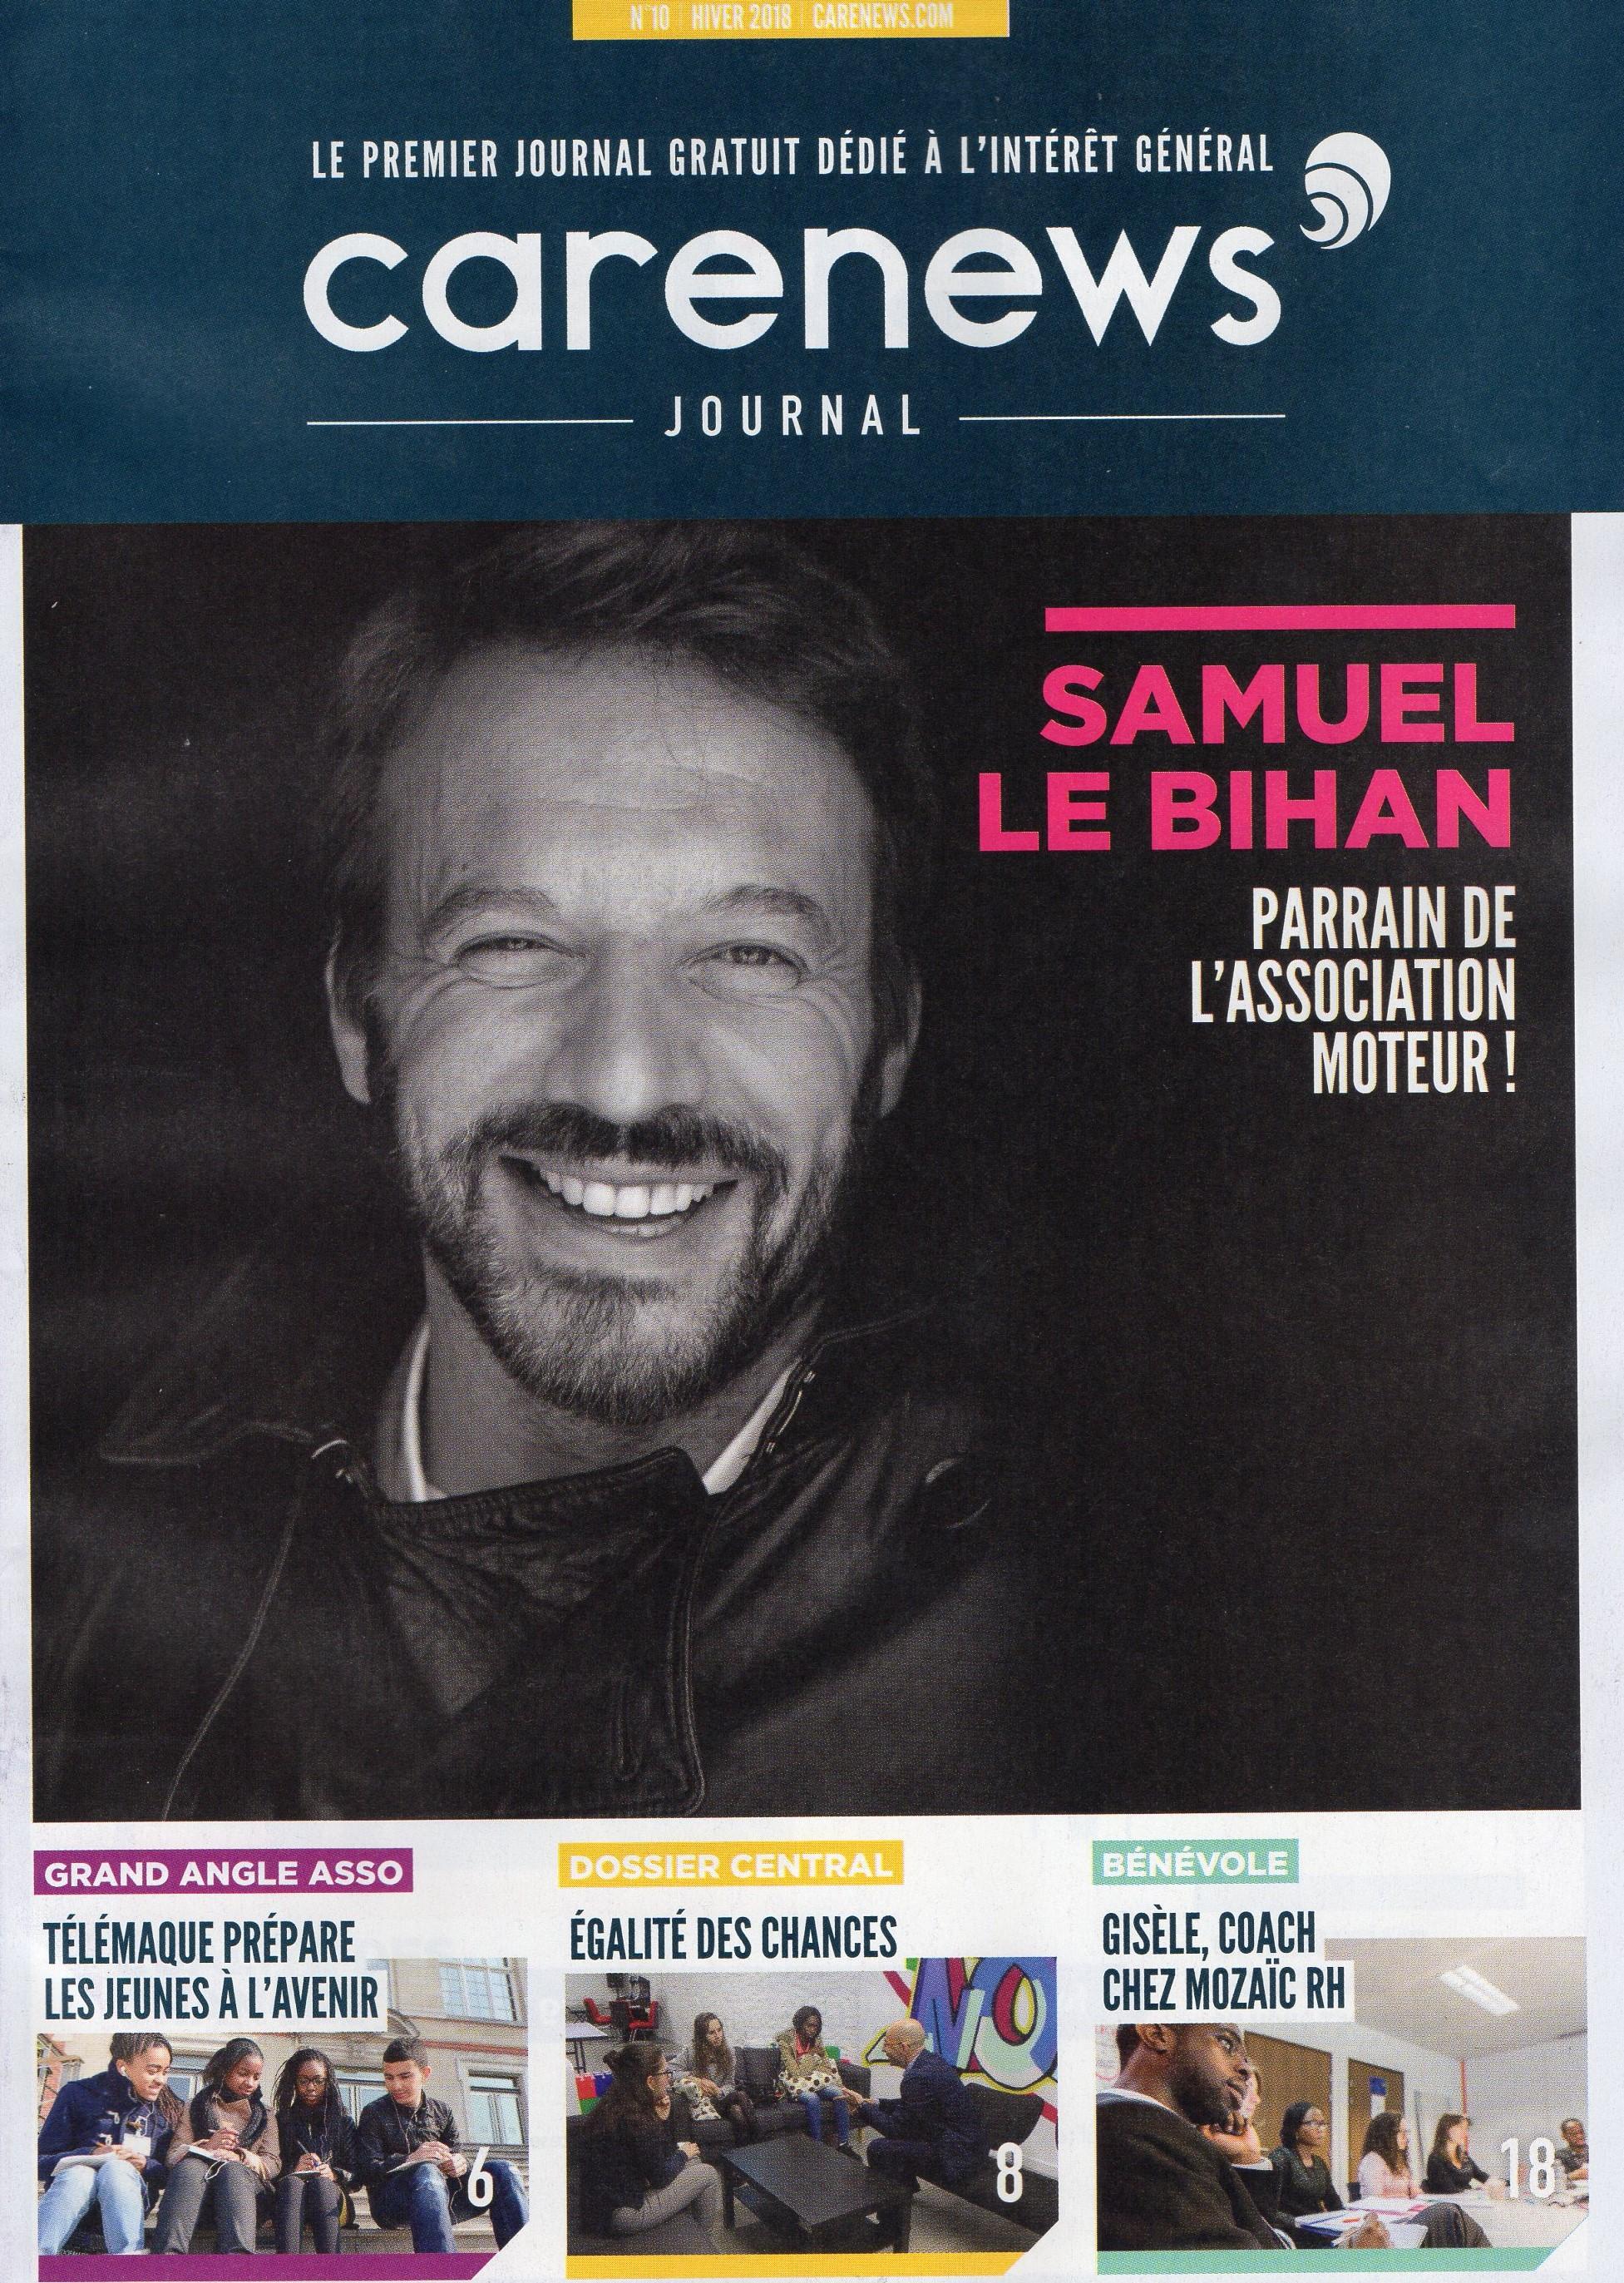 samuel_carenews1.JPG